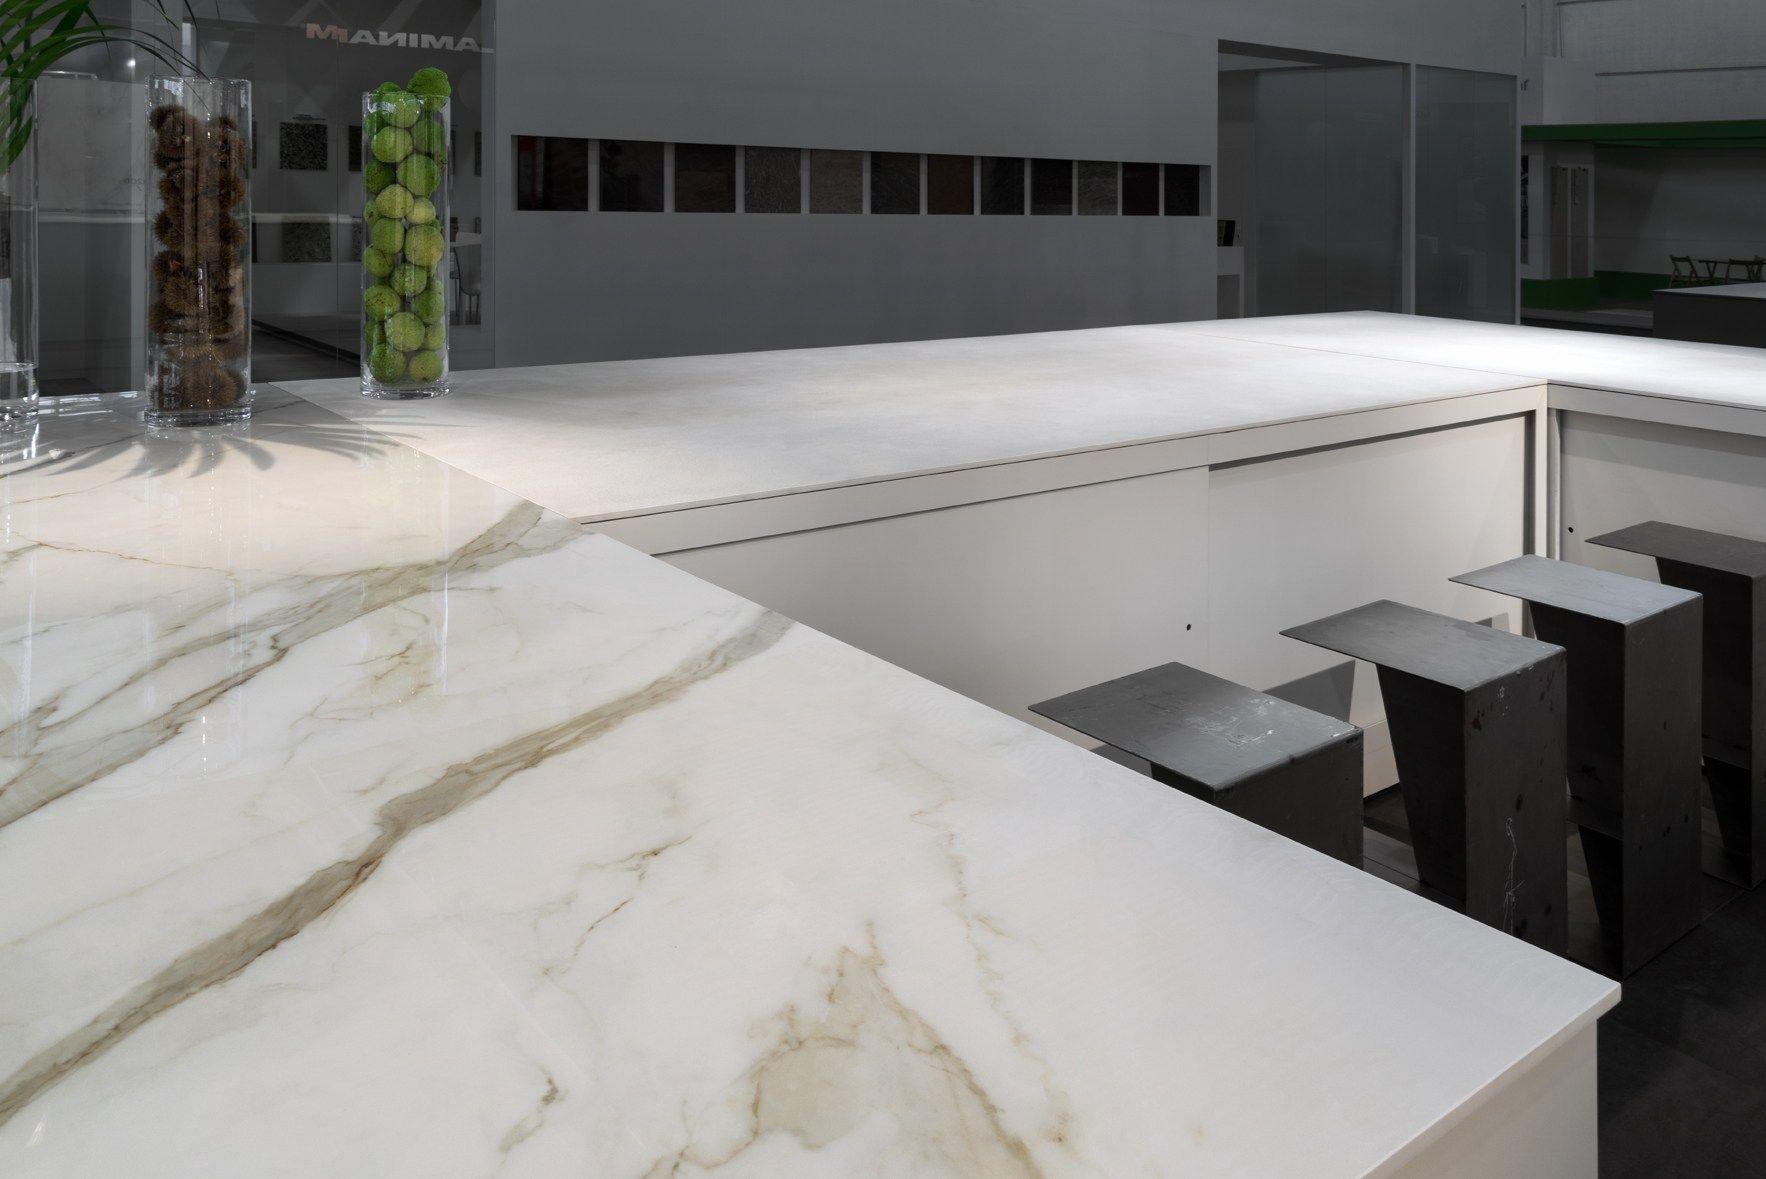 Ceramic Kitchen Worktop Cava 1620x3240 Laminam Kitchen Worktop Ceramic Furniture Kitchen